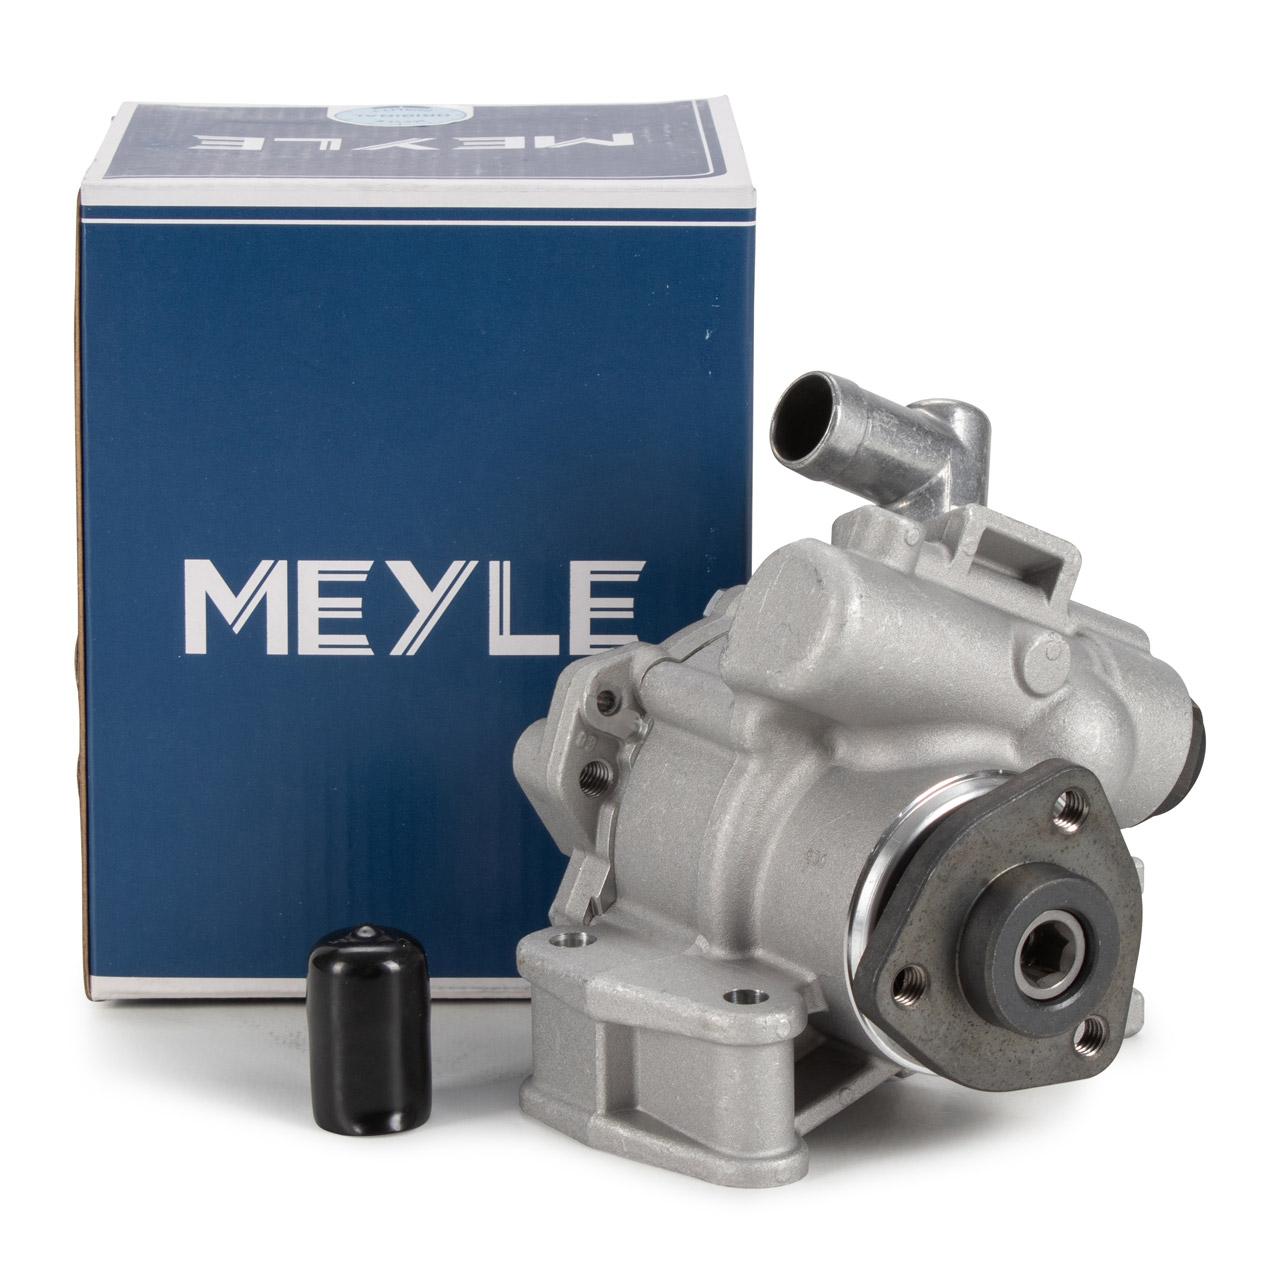 MEYLE 0146310007 Hydraulikpumpe MERCEDES W211 S211 E200-E270 CDI OM646 OM647 0034660101